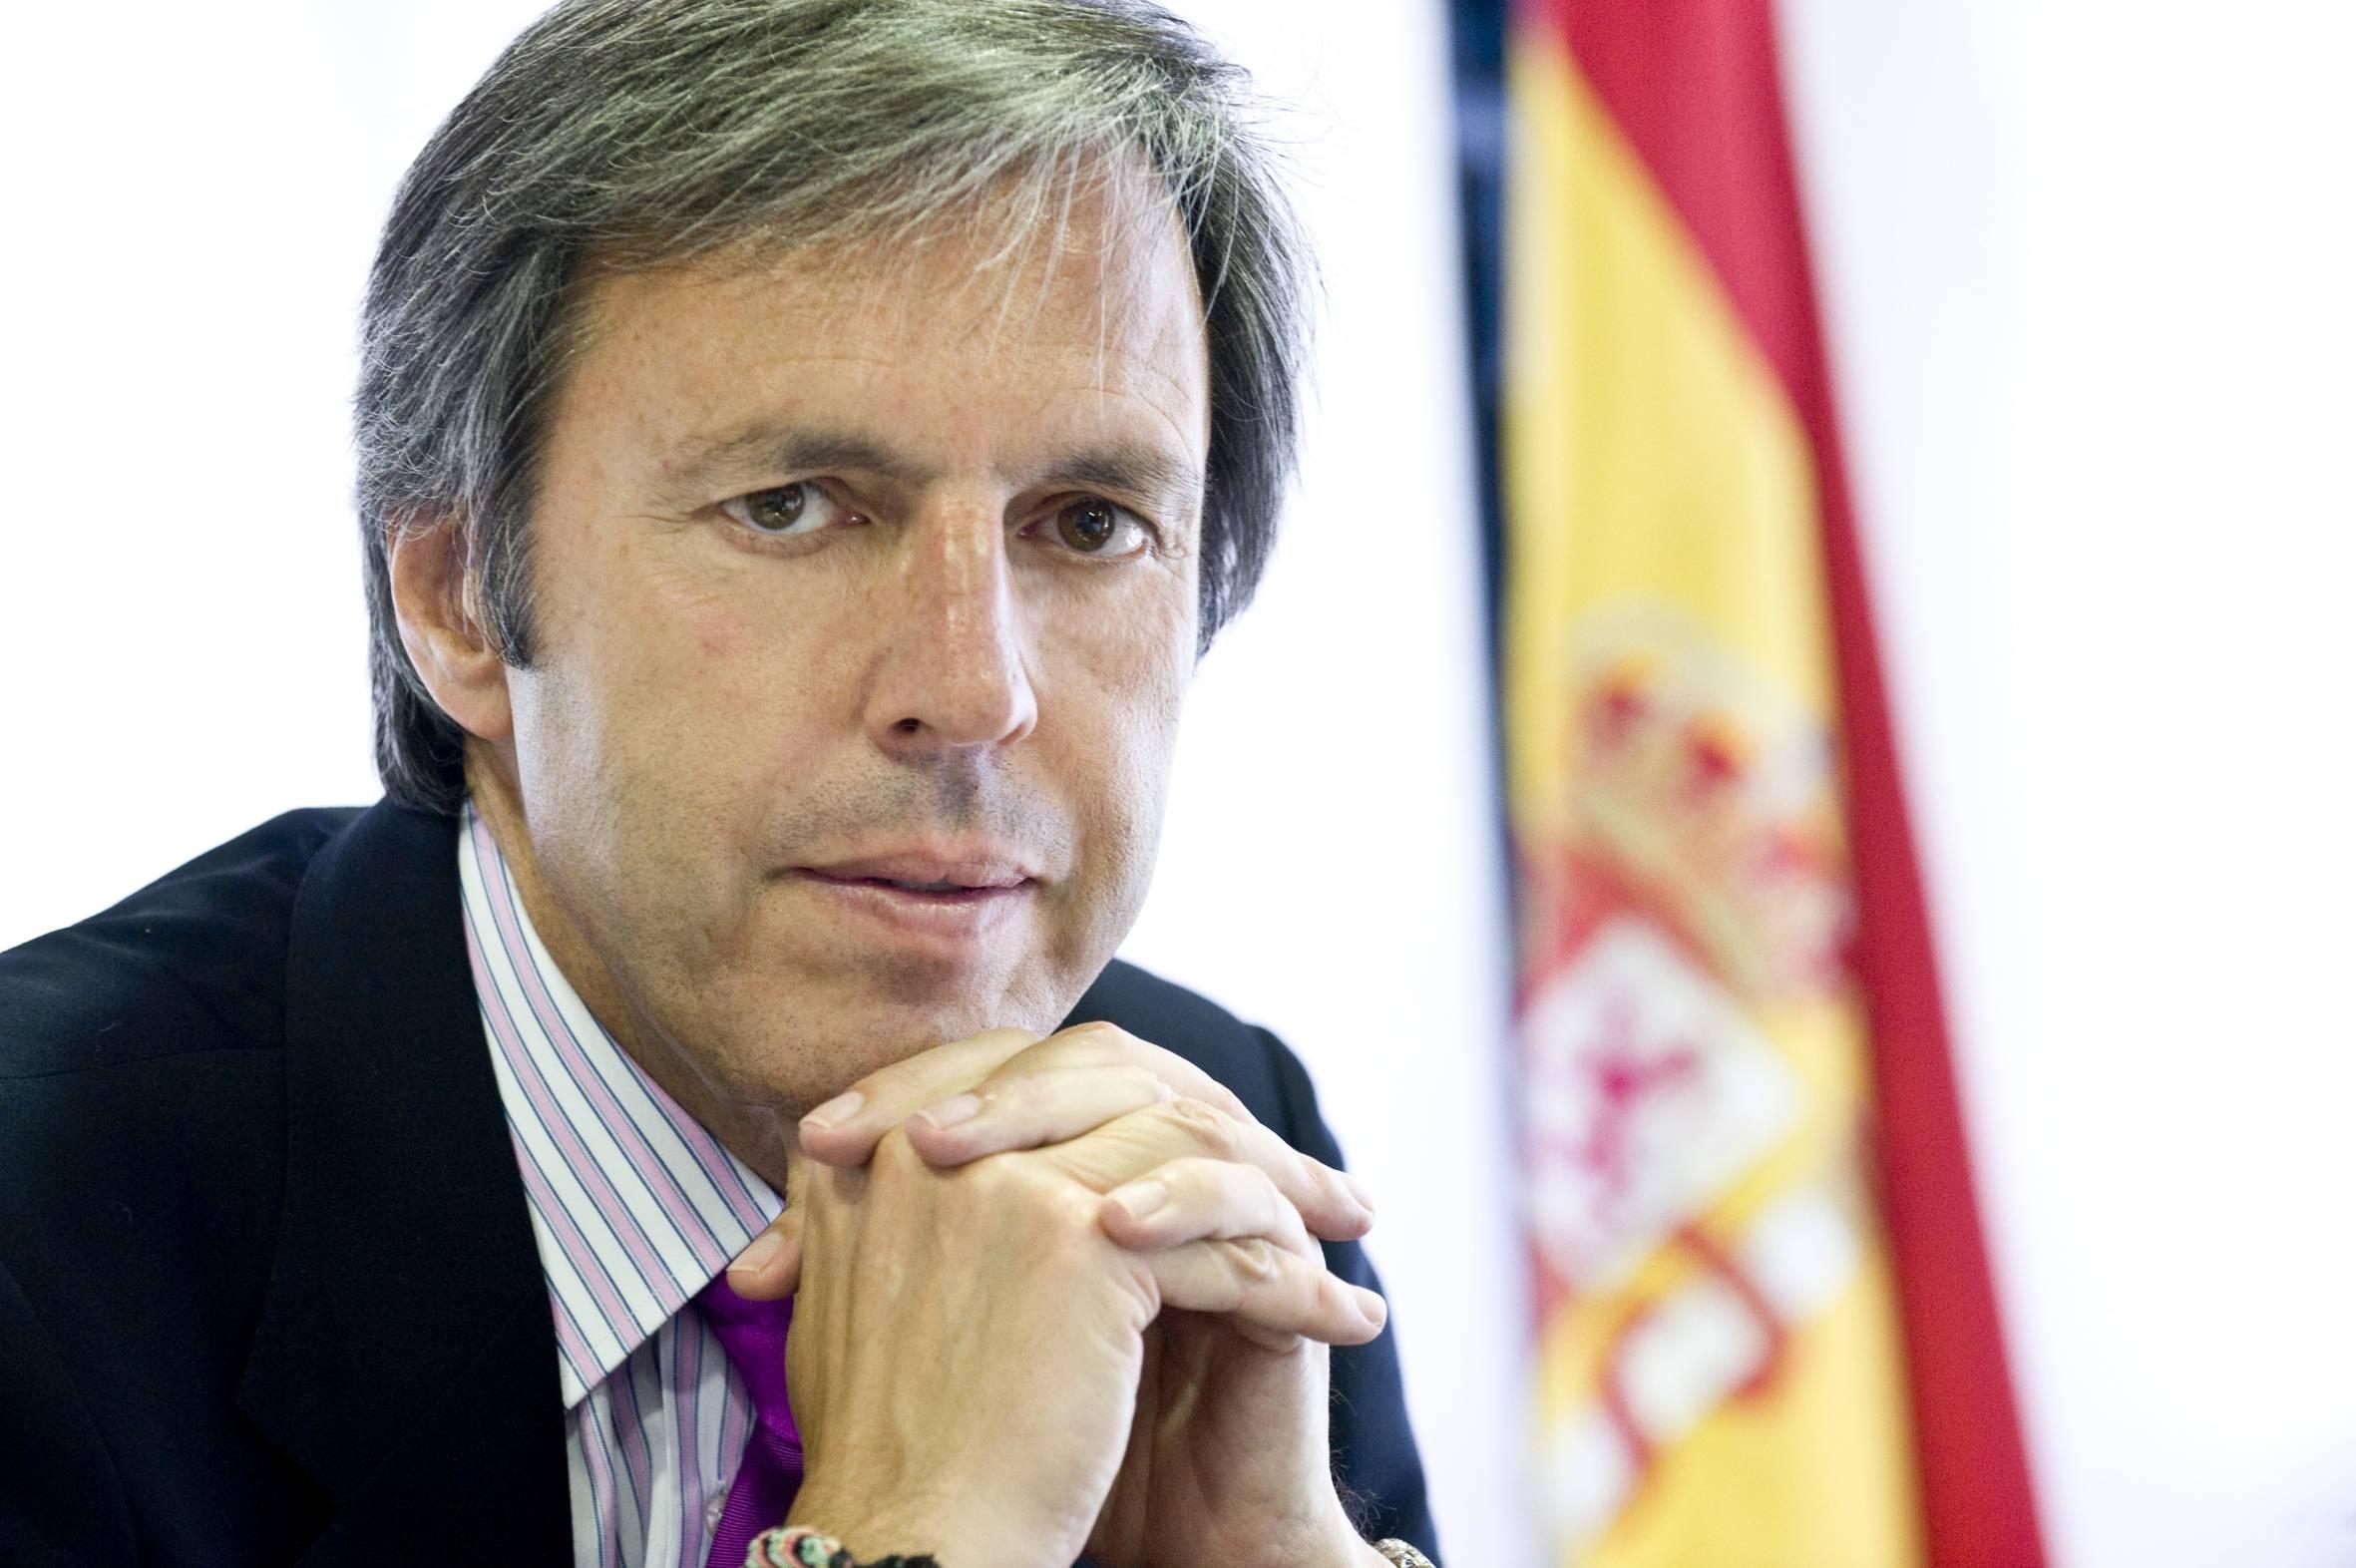 José Luis Gómez-Calcerrada Gascón